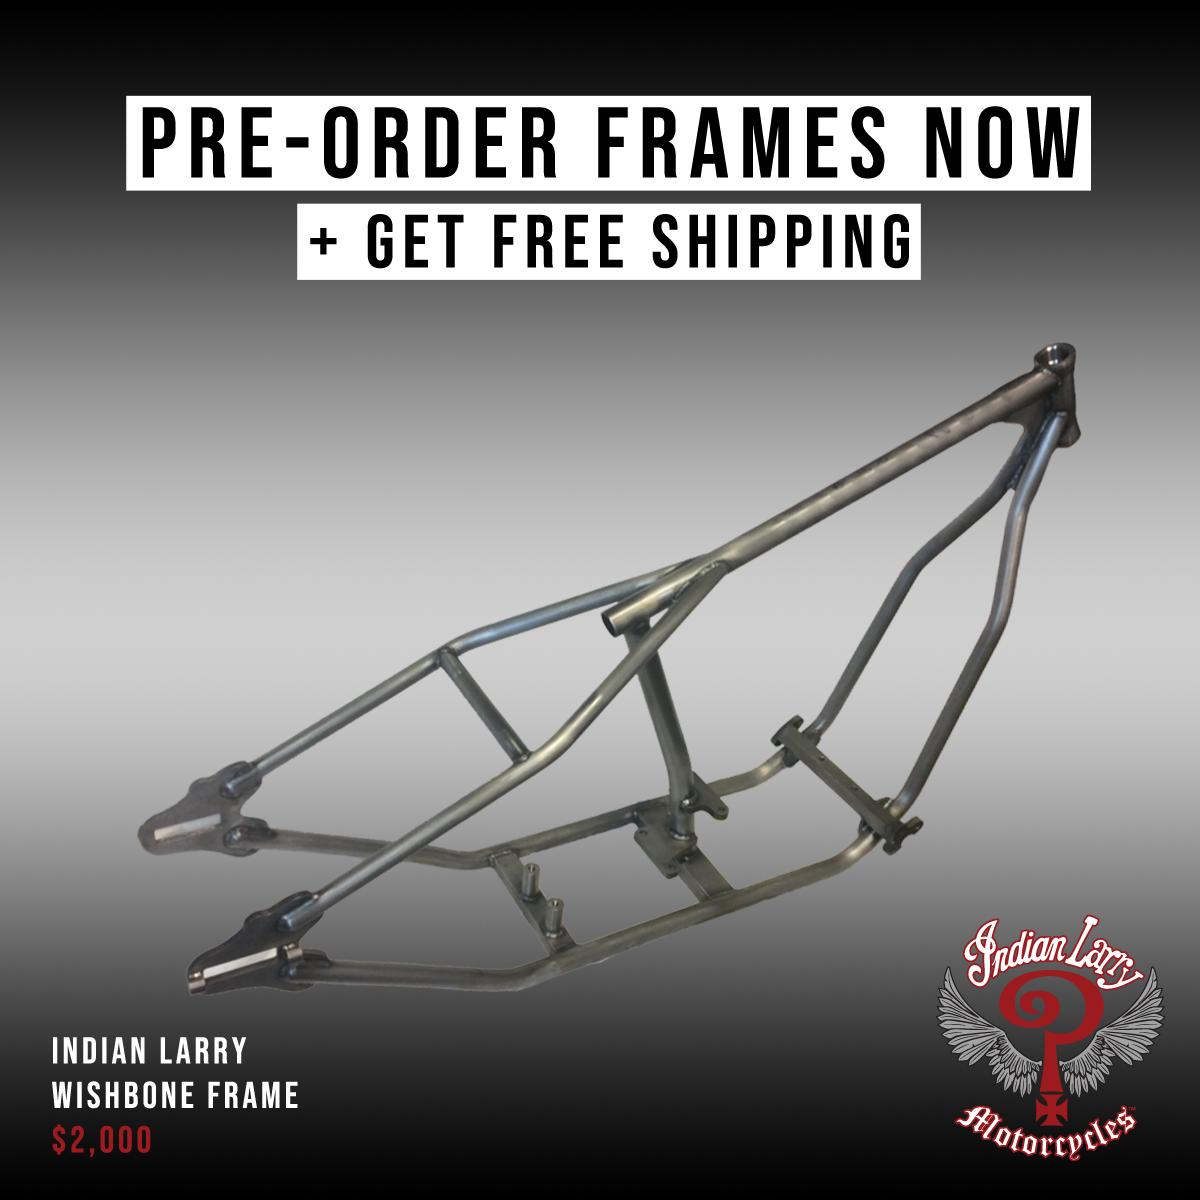 Wishbone Frame